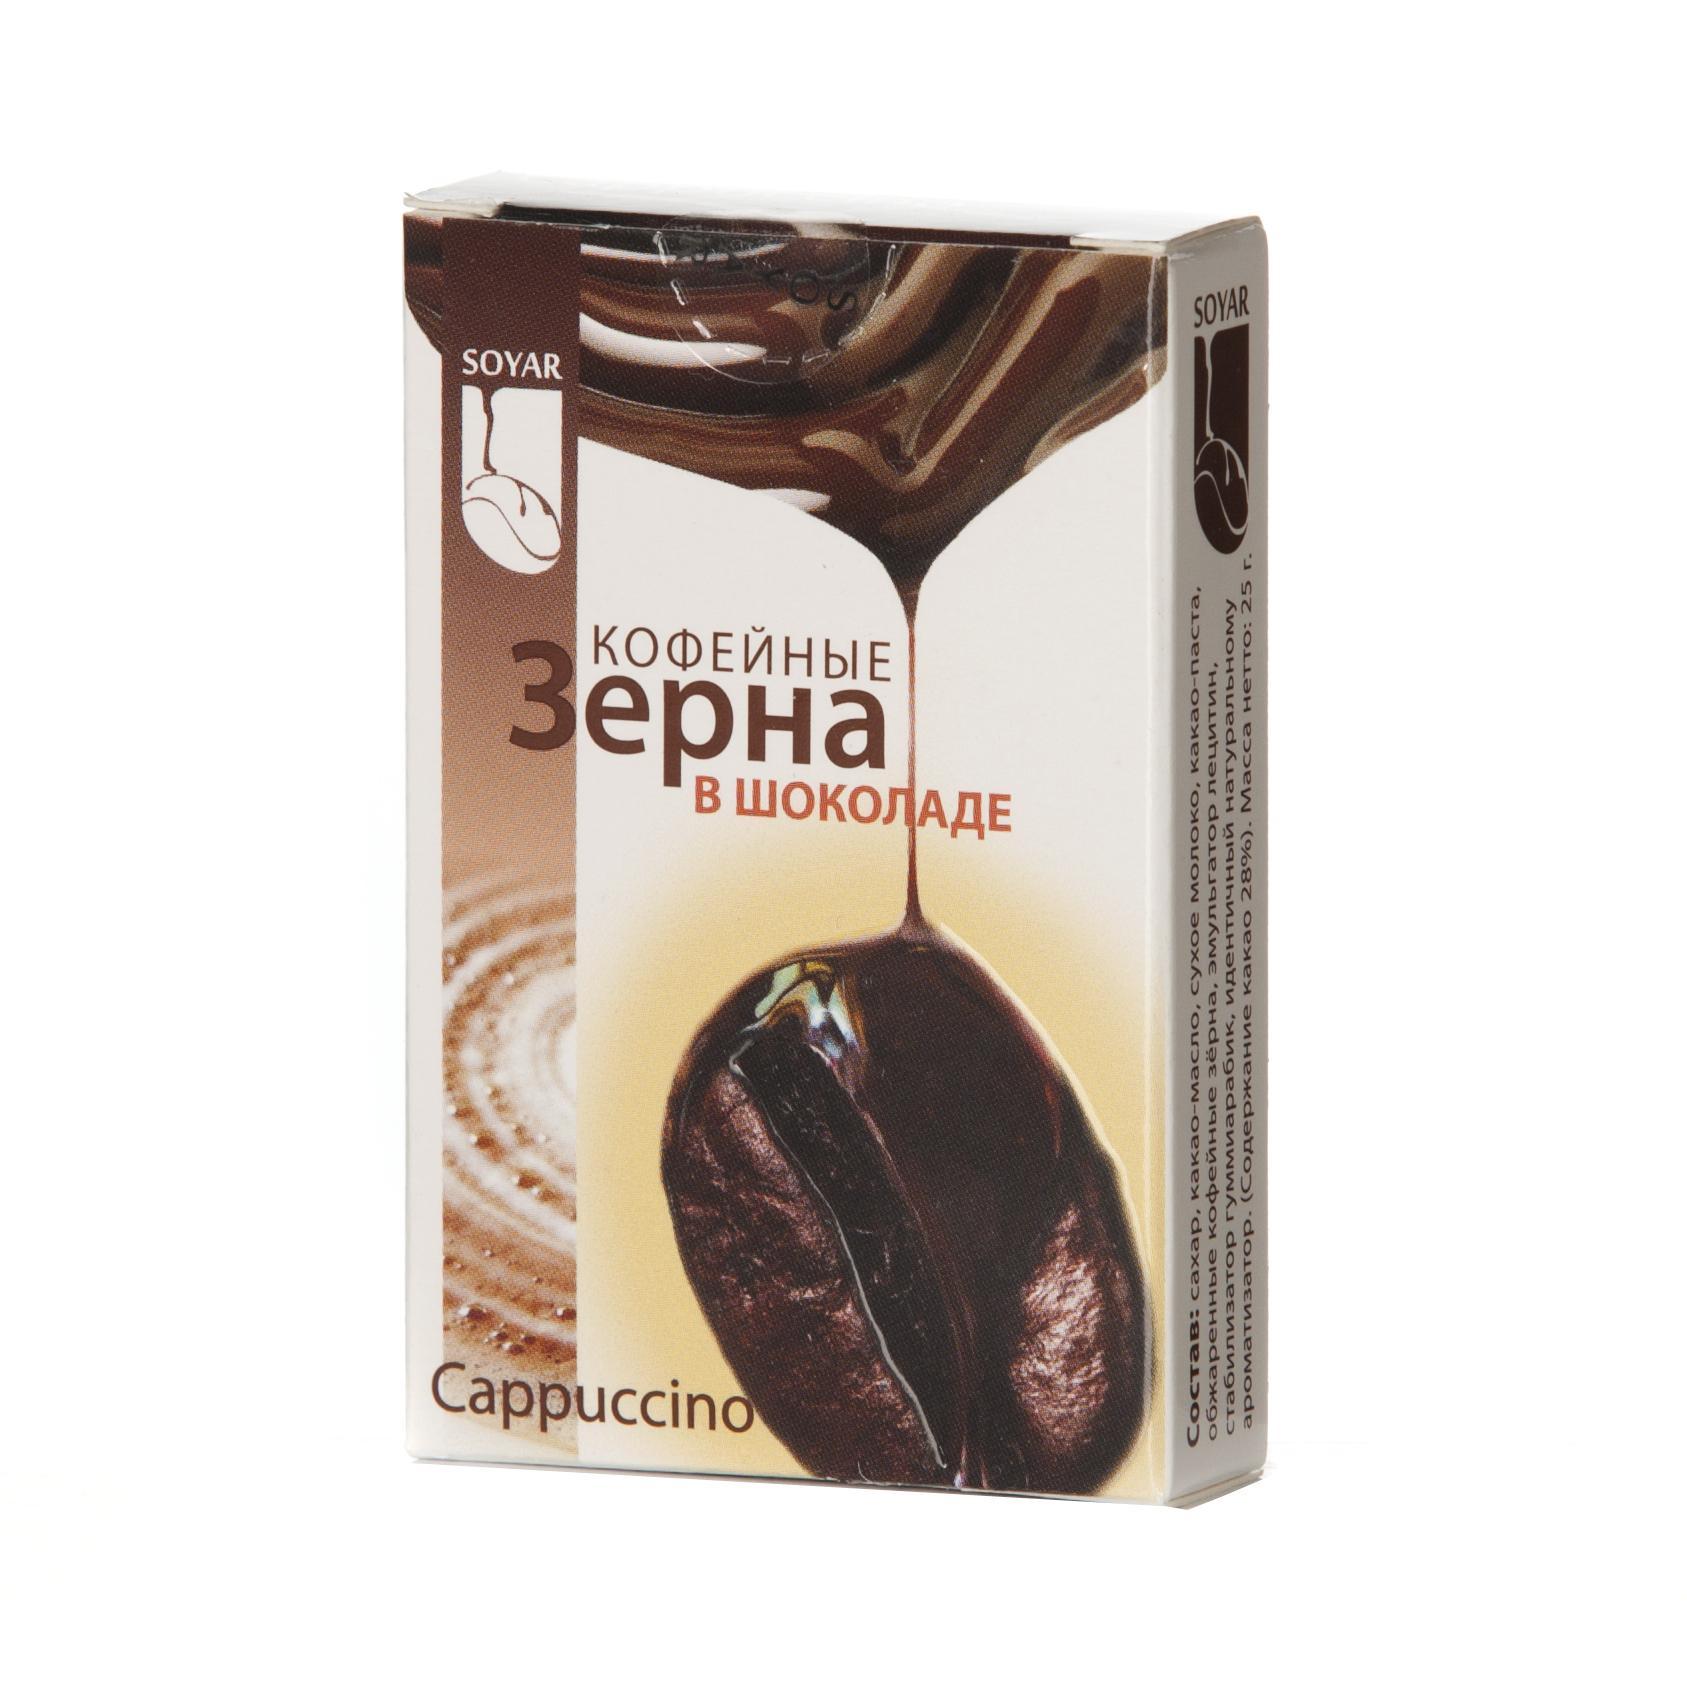 """Конфеты SOYAR кофейные зерна в шоколаде Каппучино, 250575_1032кофейные зерна в шоколаде- продукт для ценителей кофе и любителей природных биотоников. Восхитительный нежнейший вкус и высочайшее качество продукта, позволяют наилучшим образом сохранить вкусовые качества и необходимые полезные свойства зерна. Регулярное употребление кофейных зерен в шоколаде, снижает тягу к курению. А благодаря своему тонизирующему действию природный кофеин зерен с шоколадом способствует выработке сератонина - """"гормона счастья"""". Каждое ароматное зернышко в сочетании с шоколадом творит чудеса."""